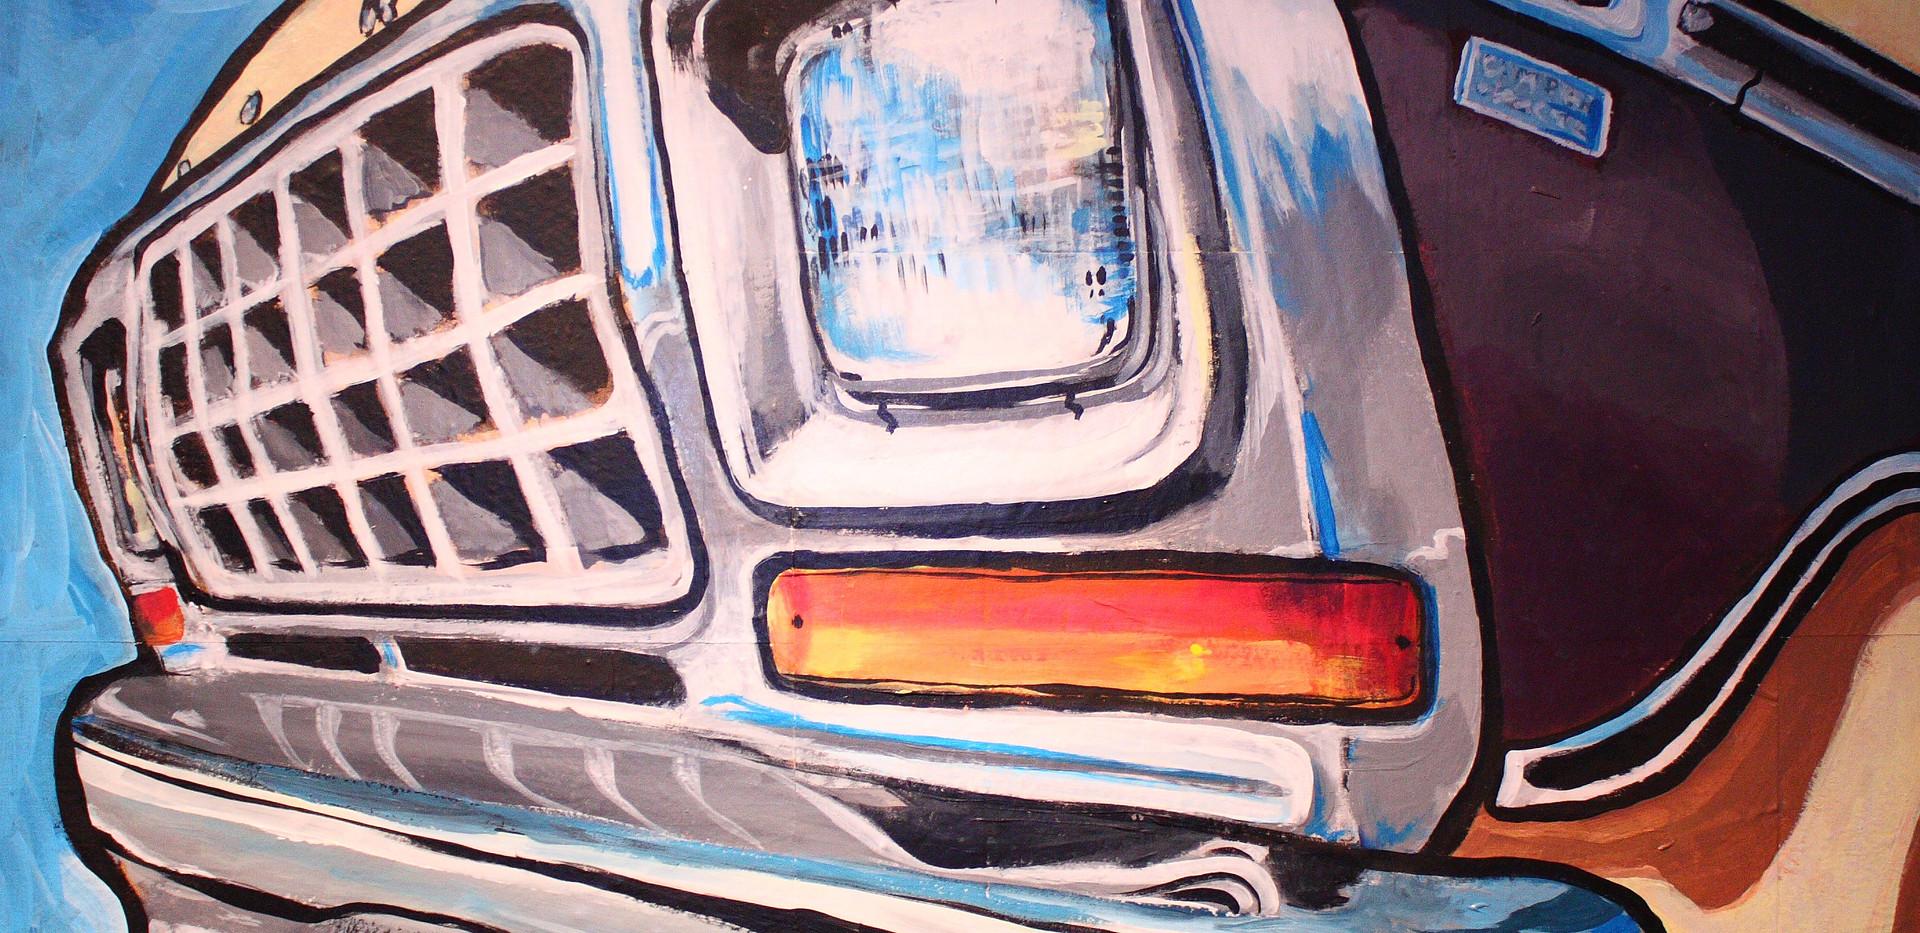 ryans truck.jpg